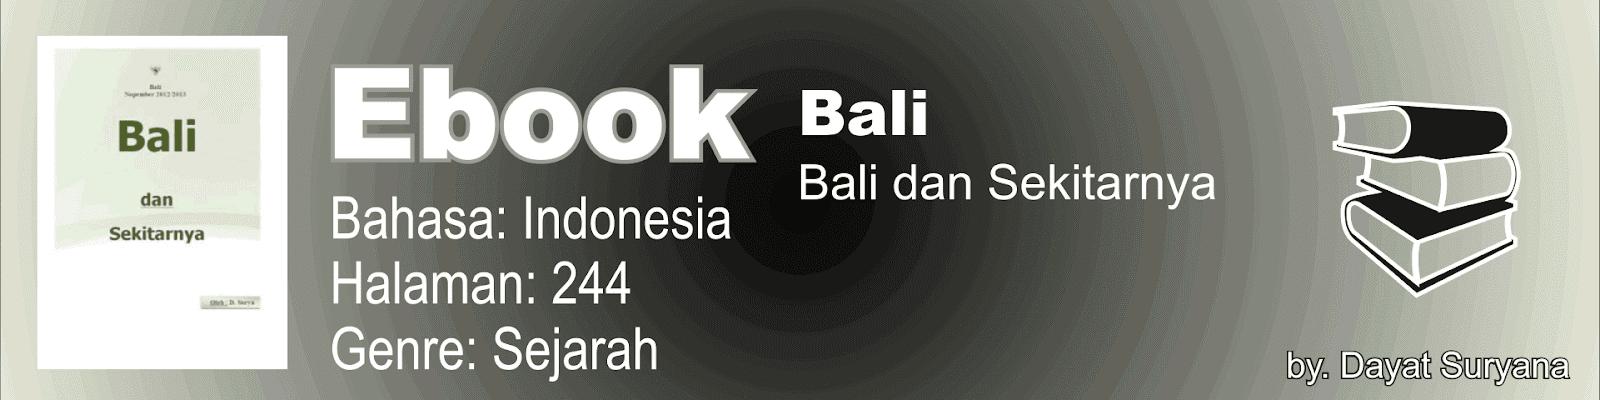 Buku Bali dan Sekitarnya